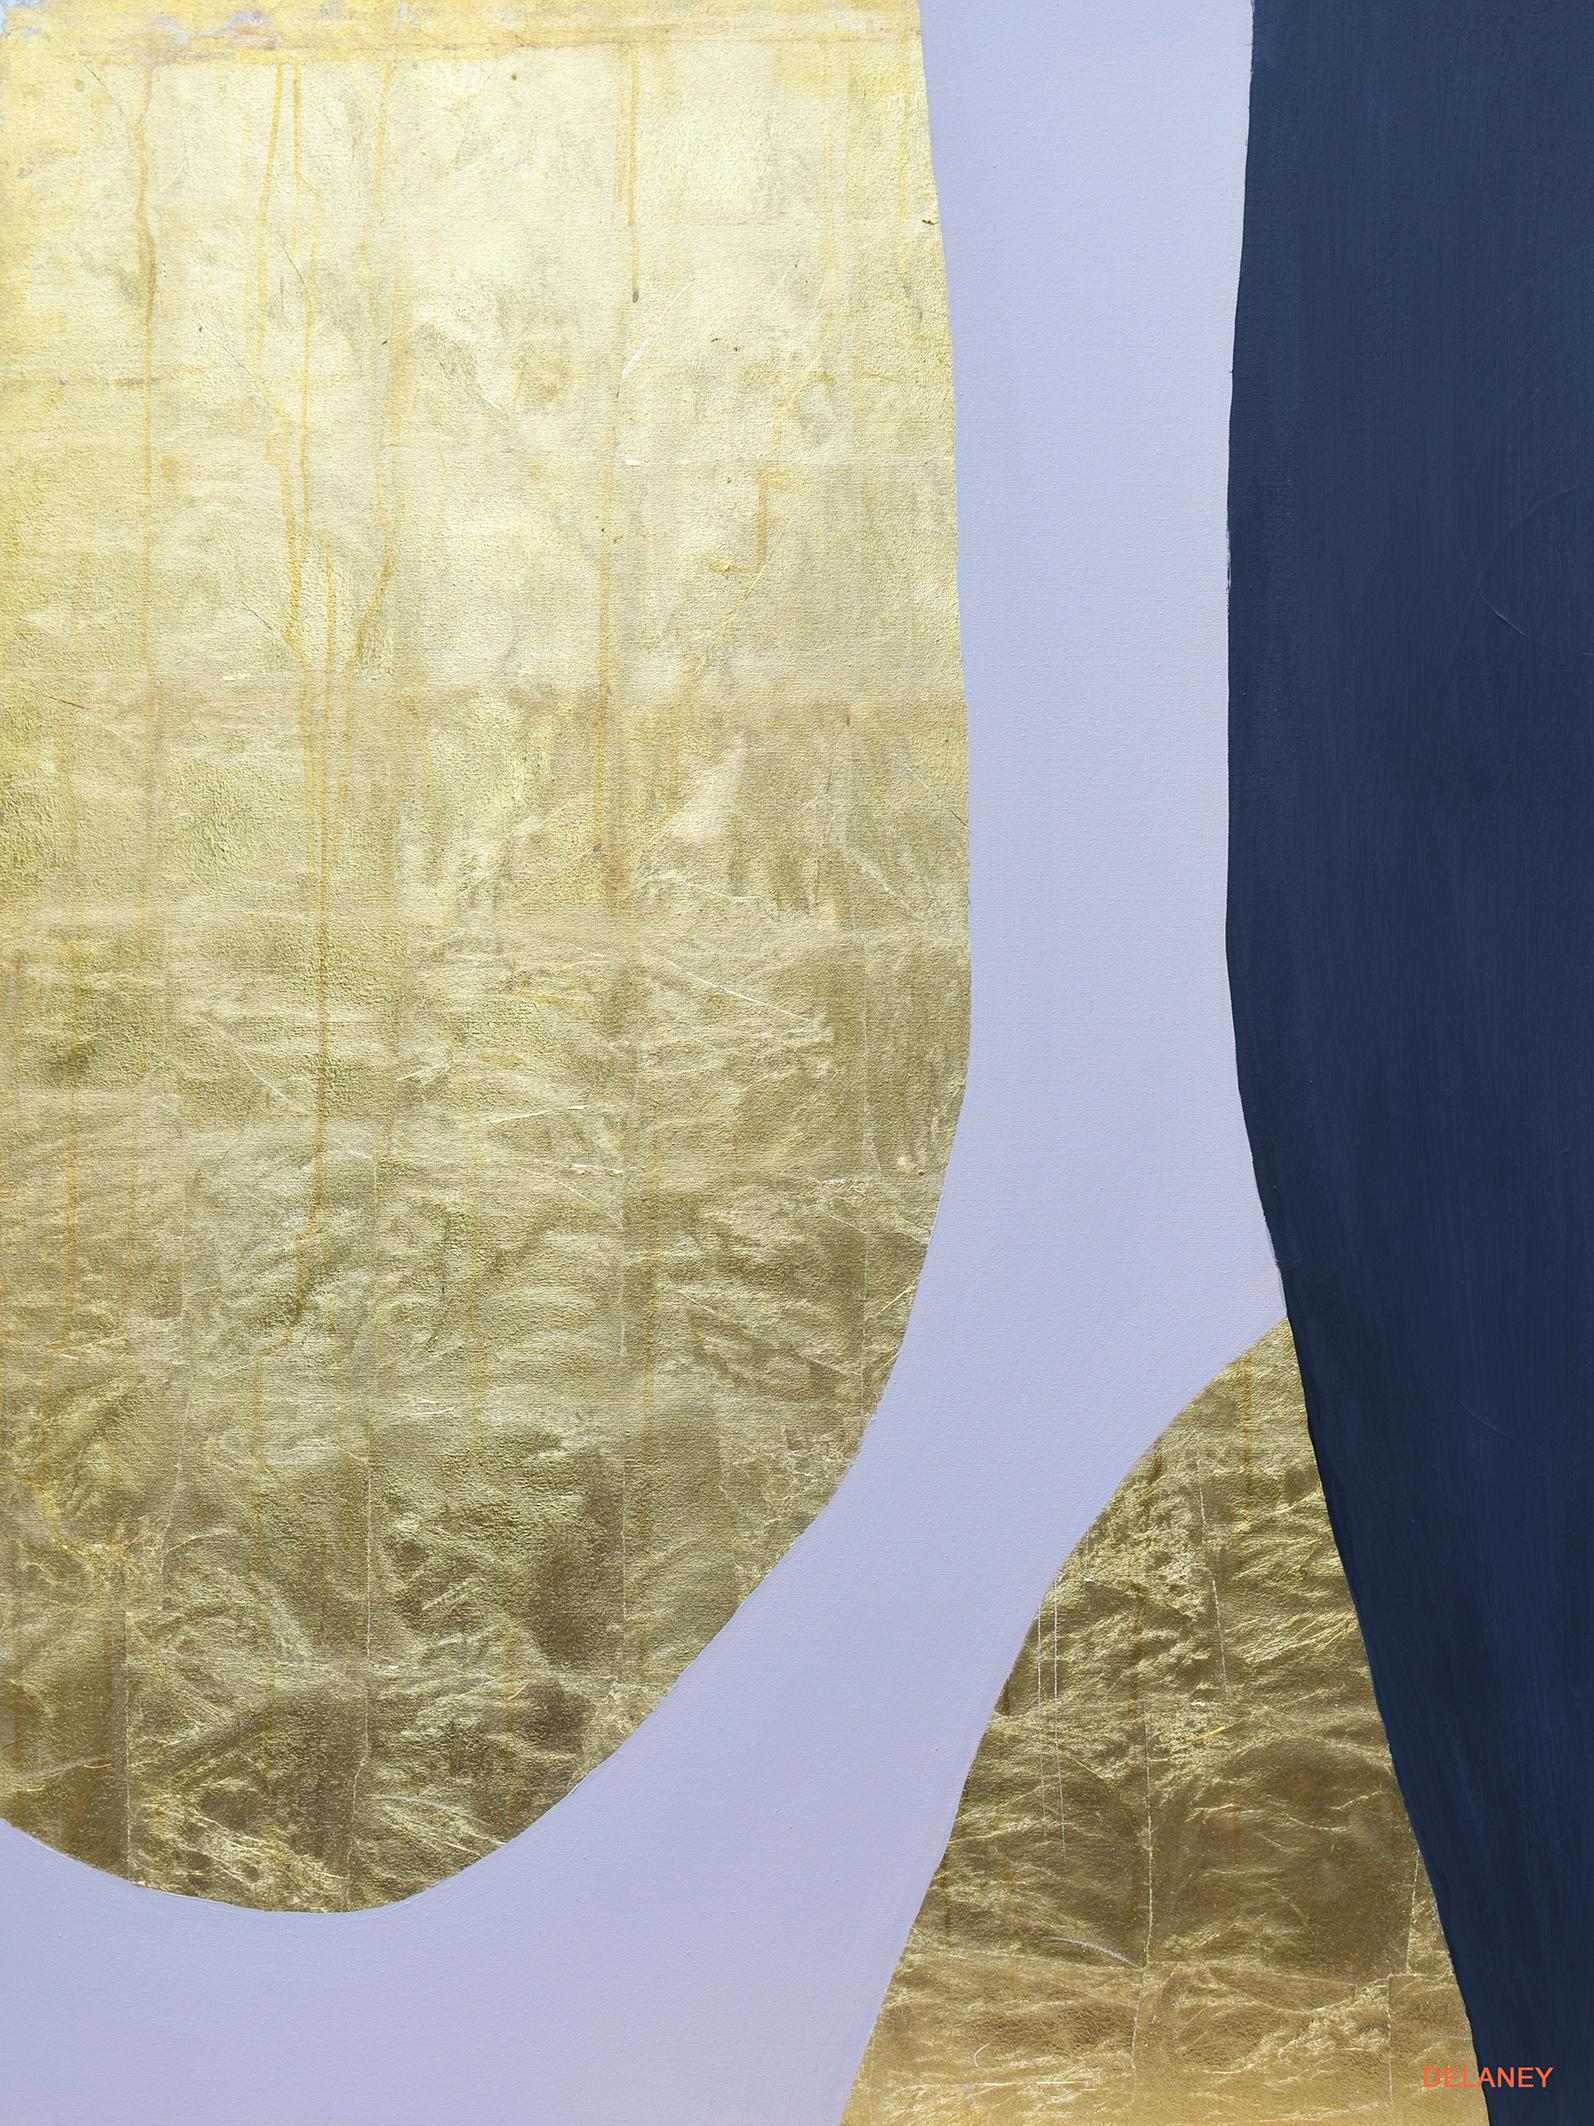 Grey Triptych #2  Gold leaf and acrylic on canvas (122x91cm)